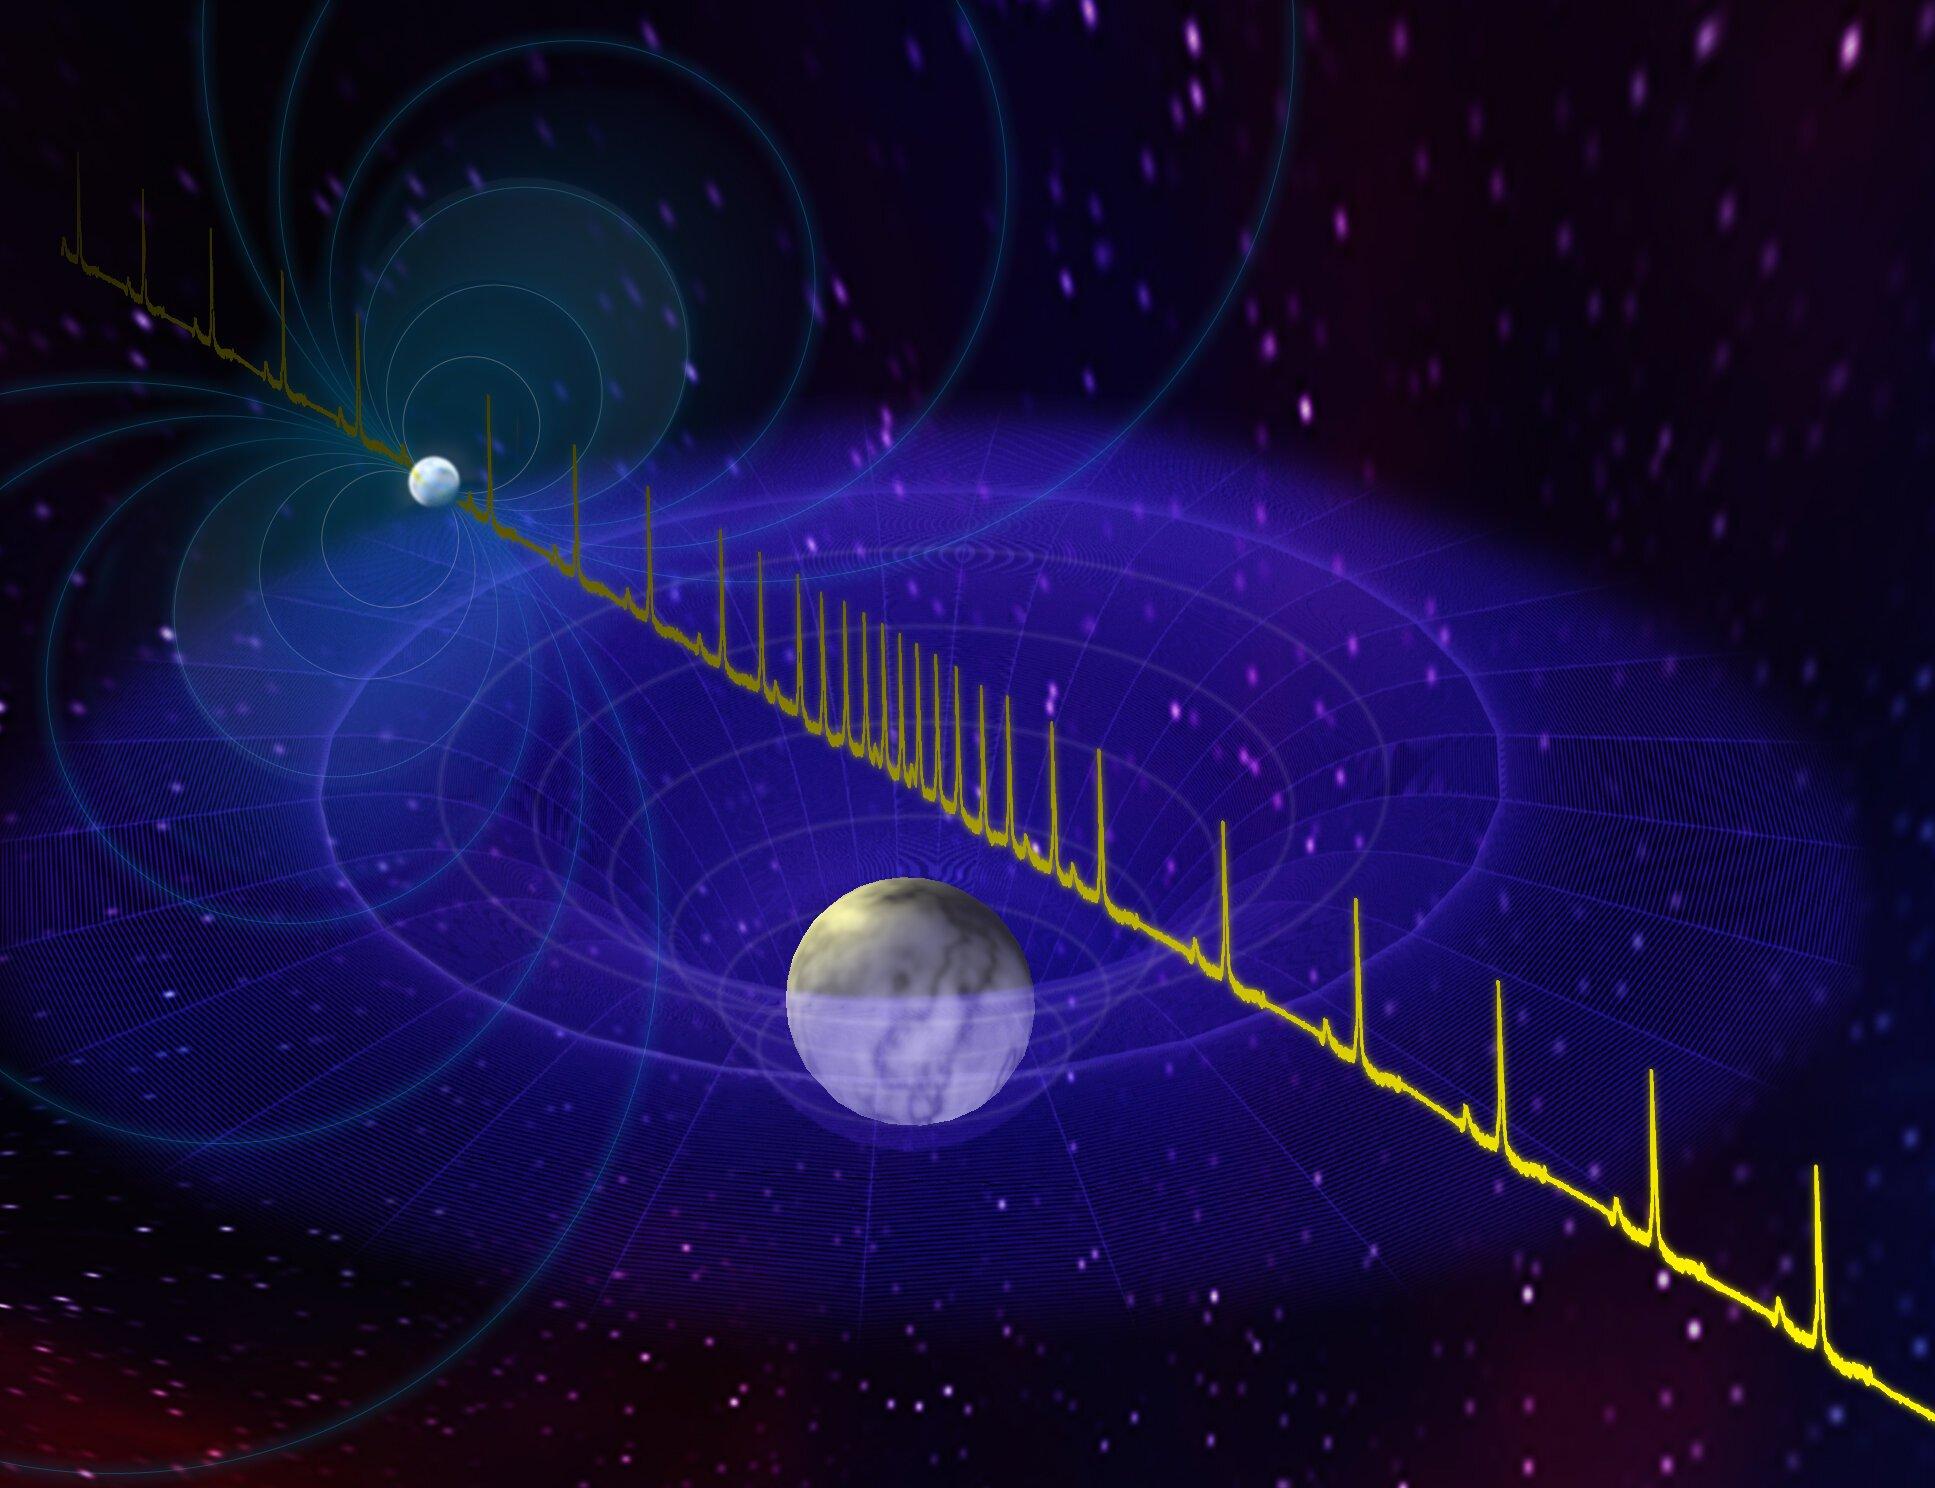 neutron star mass - HD2048×1152